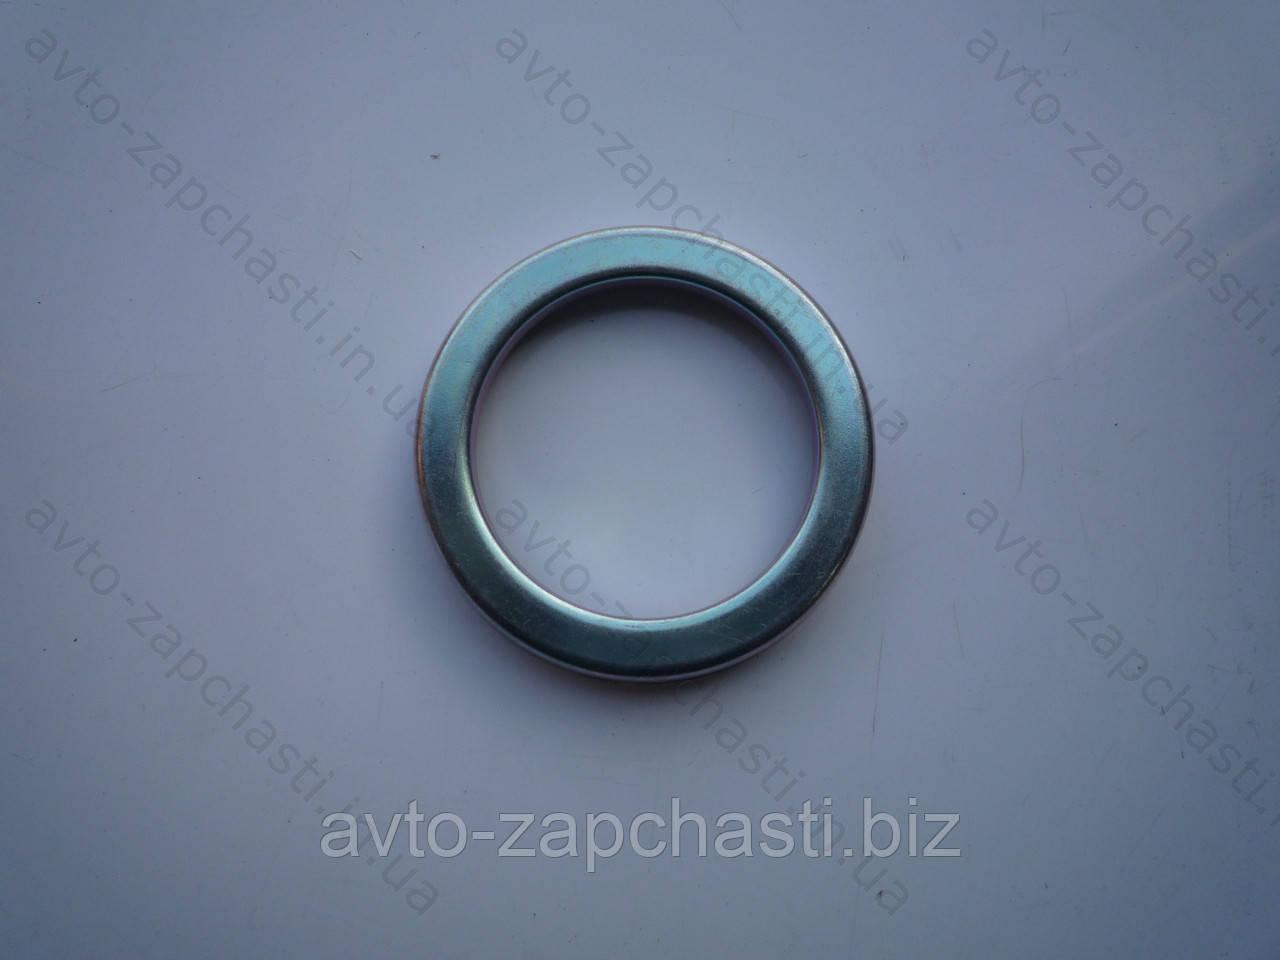 Кольцо грязезащитное поворотного кулака ВАЗ 2108 внутреннее (пр-во АвтоВАЗ) (21080-310306100)